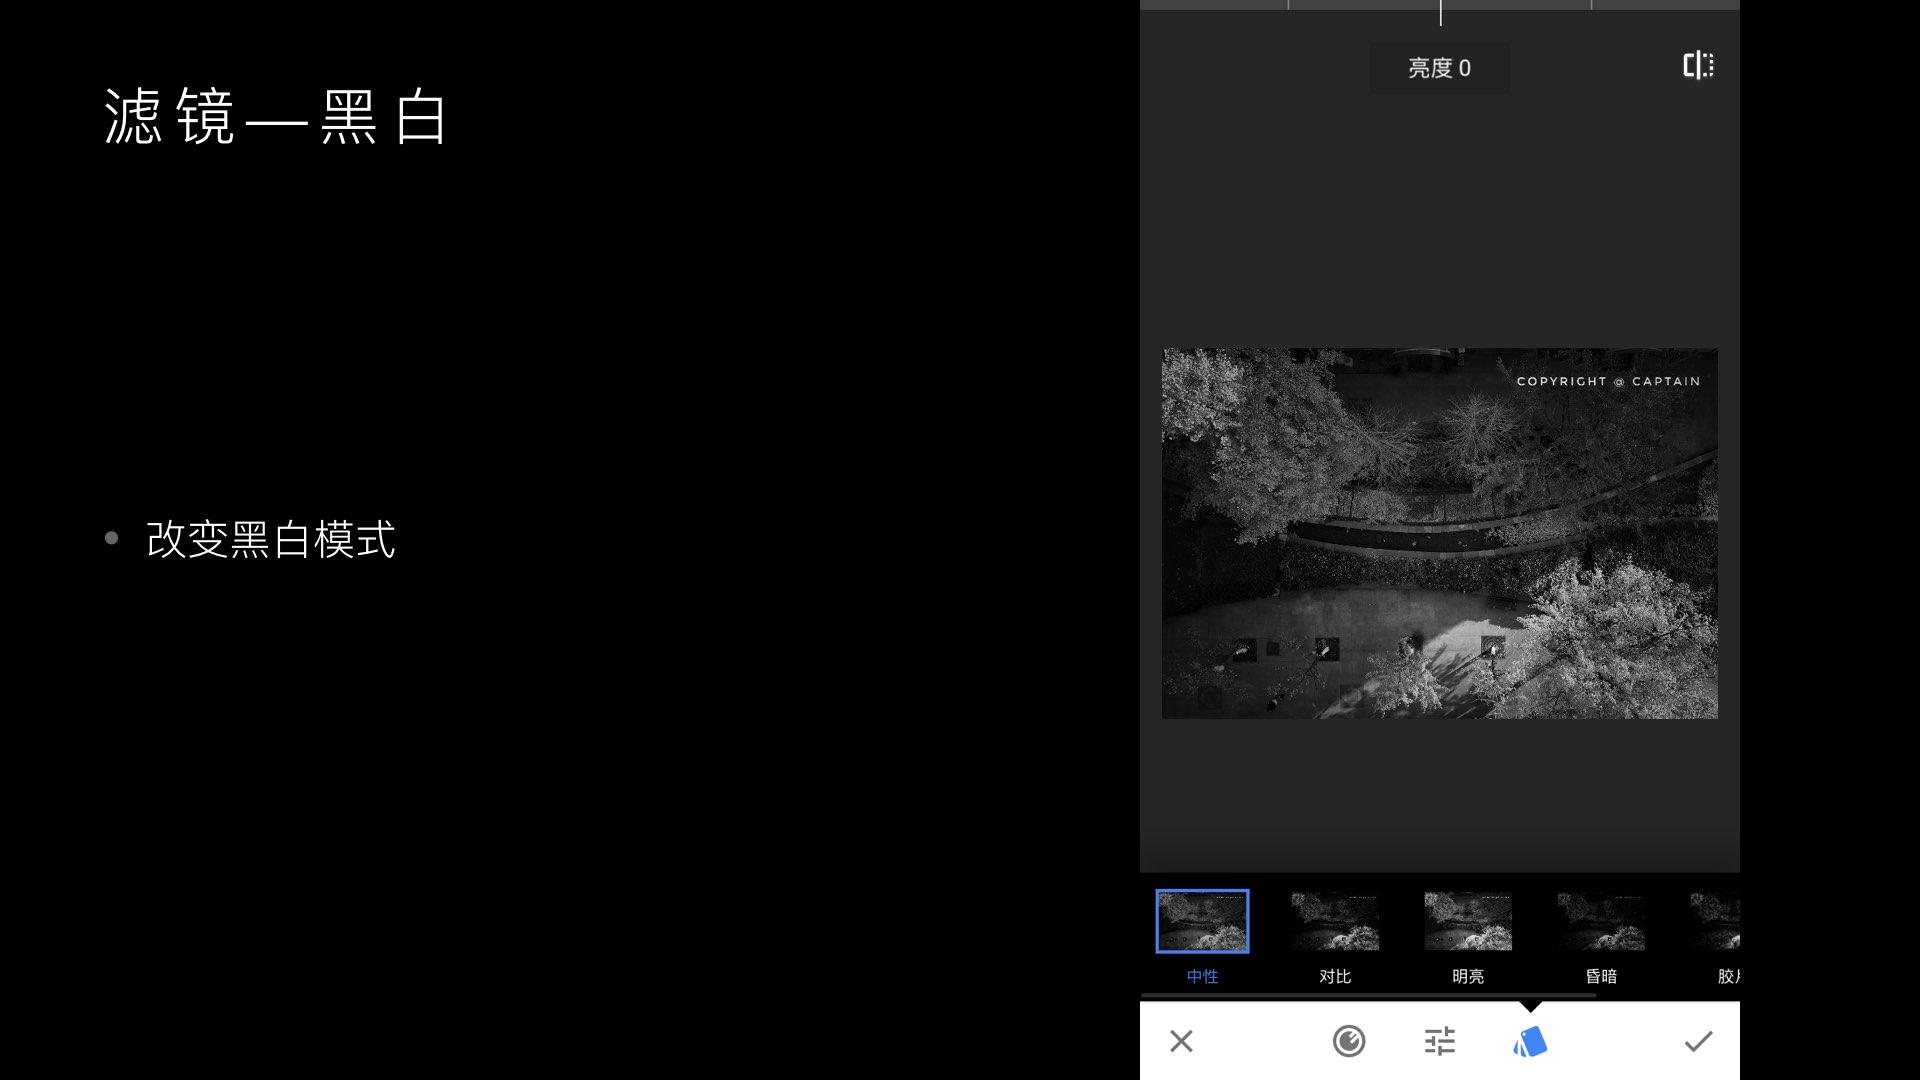 化腐朽为神奇,Snapseed图片编辑教程.032.jpeg